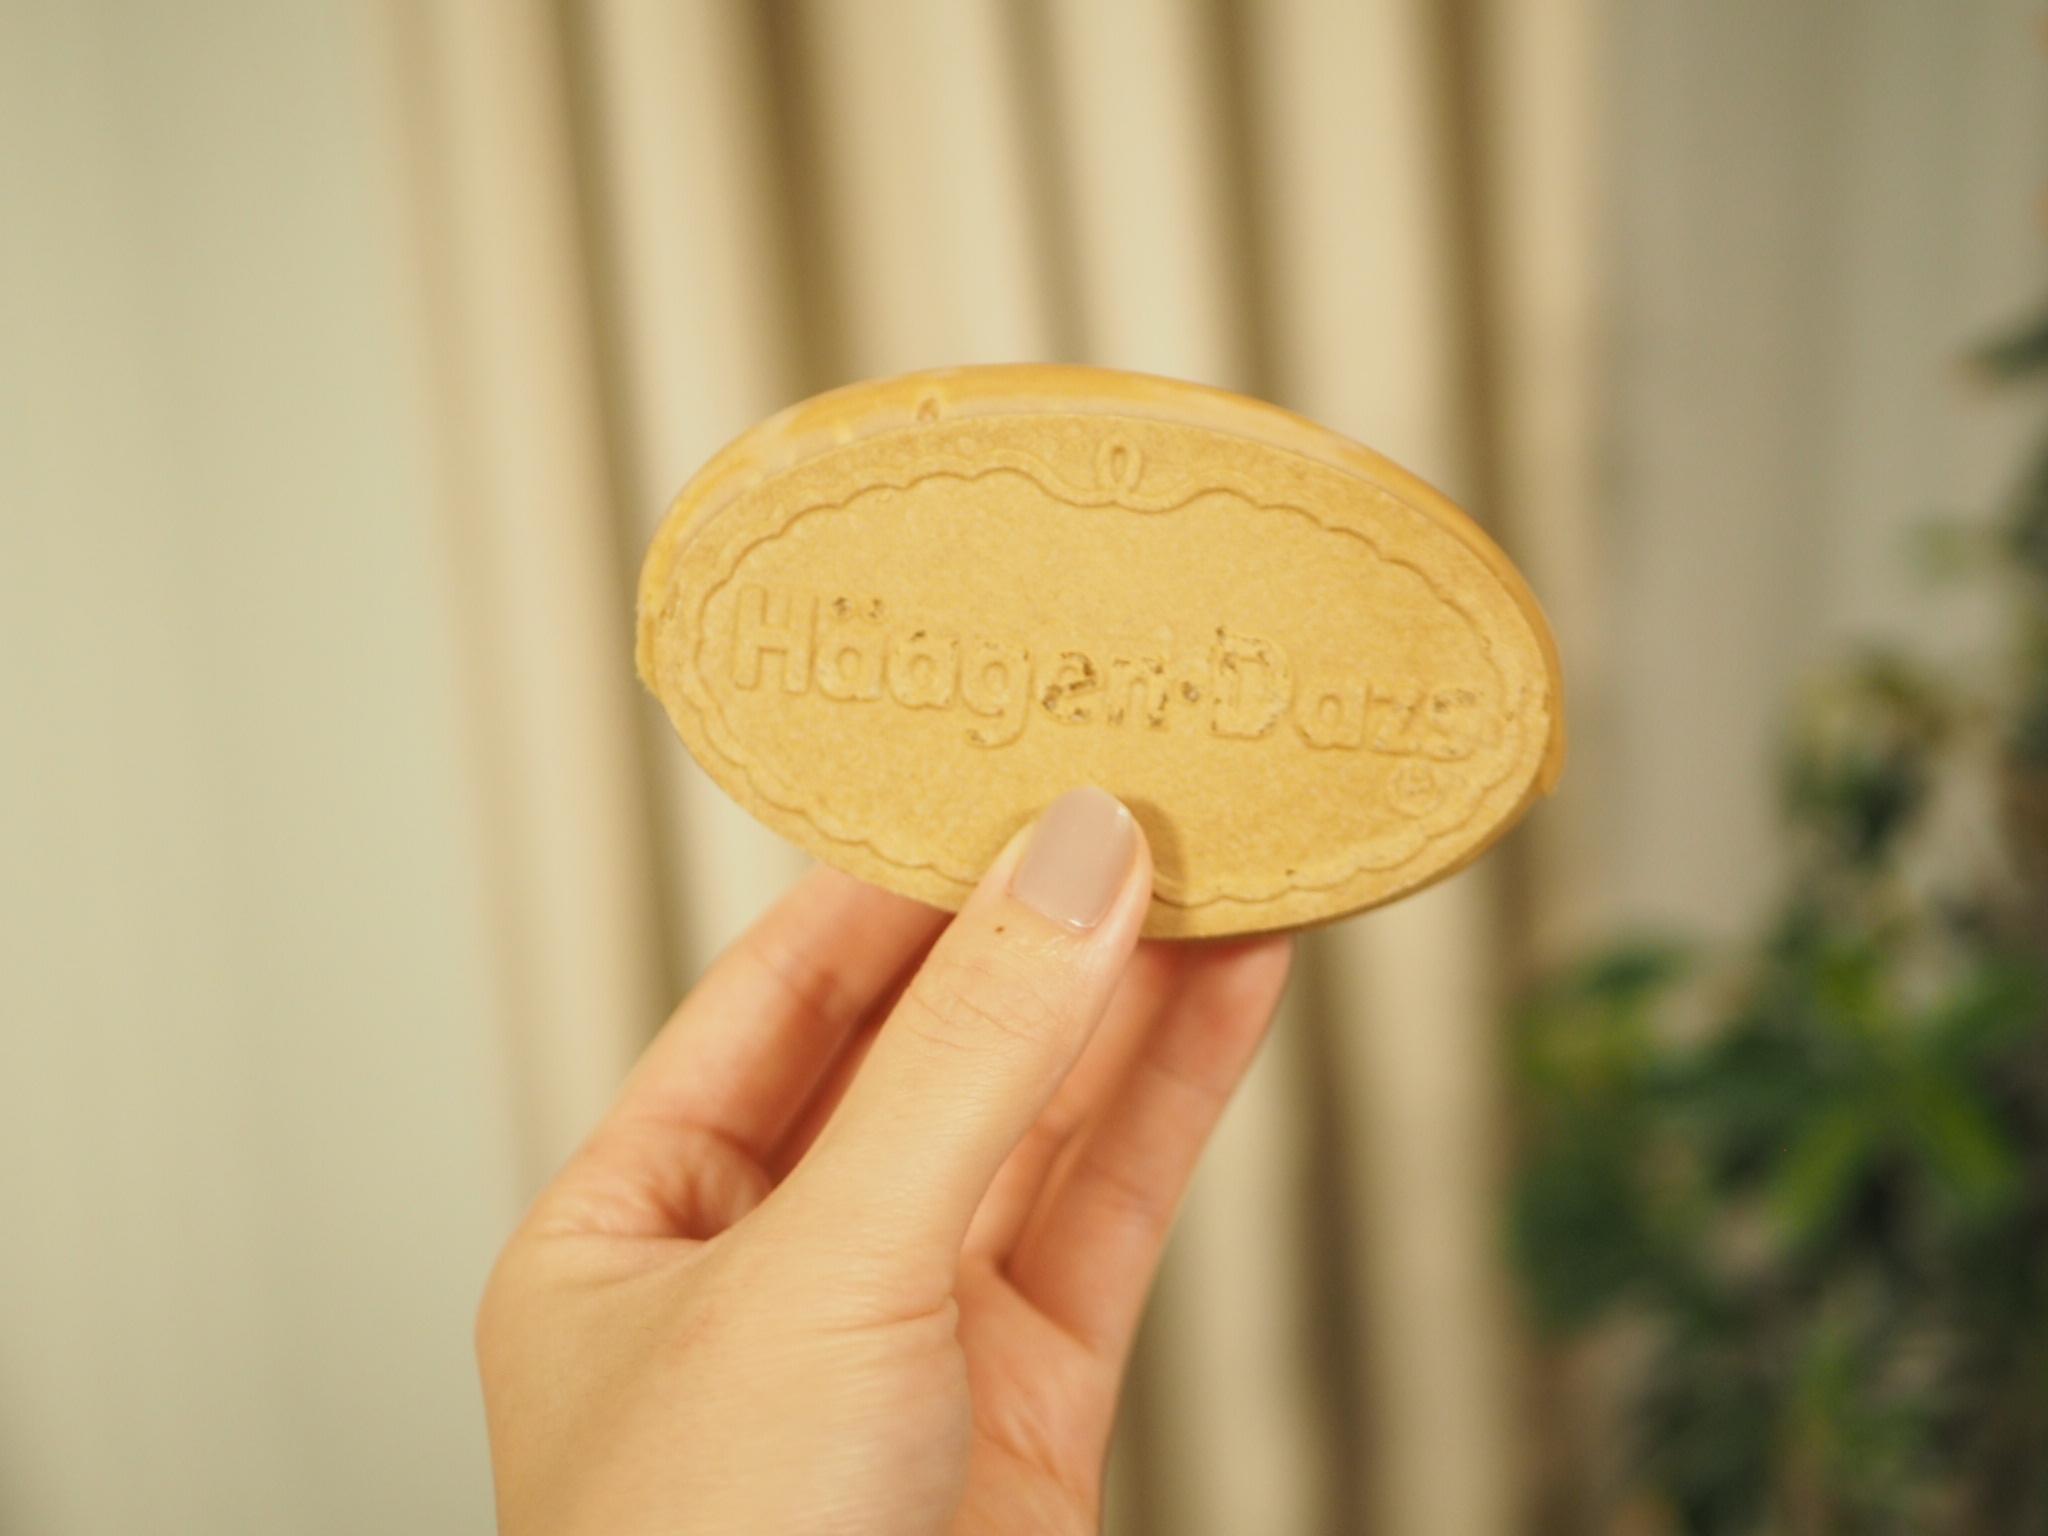 【ハーゲンダッツ】濃厚な味わいのバターサンド♡クリスピーサンド『アーモンドバターサンド』が登場♩_3